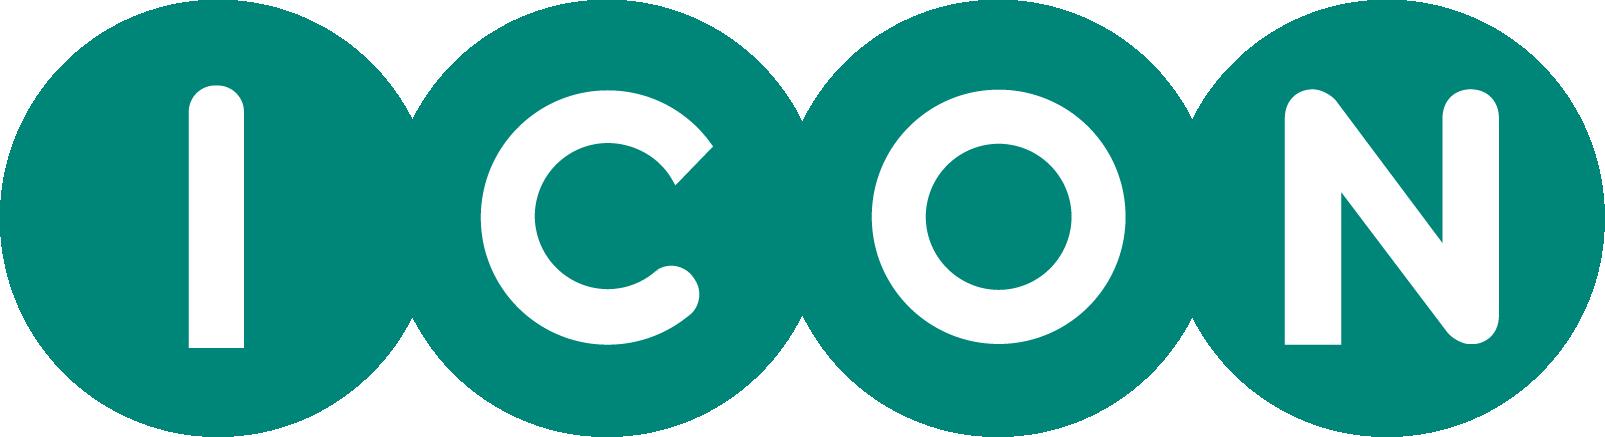 ICON plc Logo png